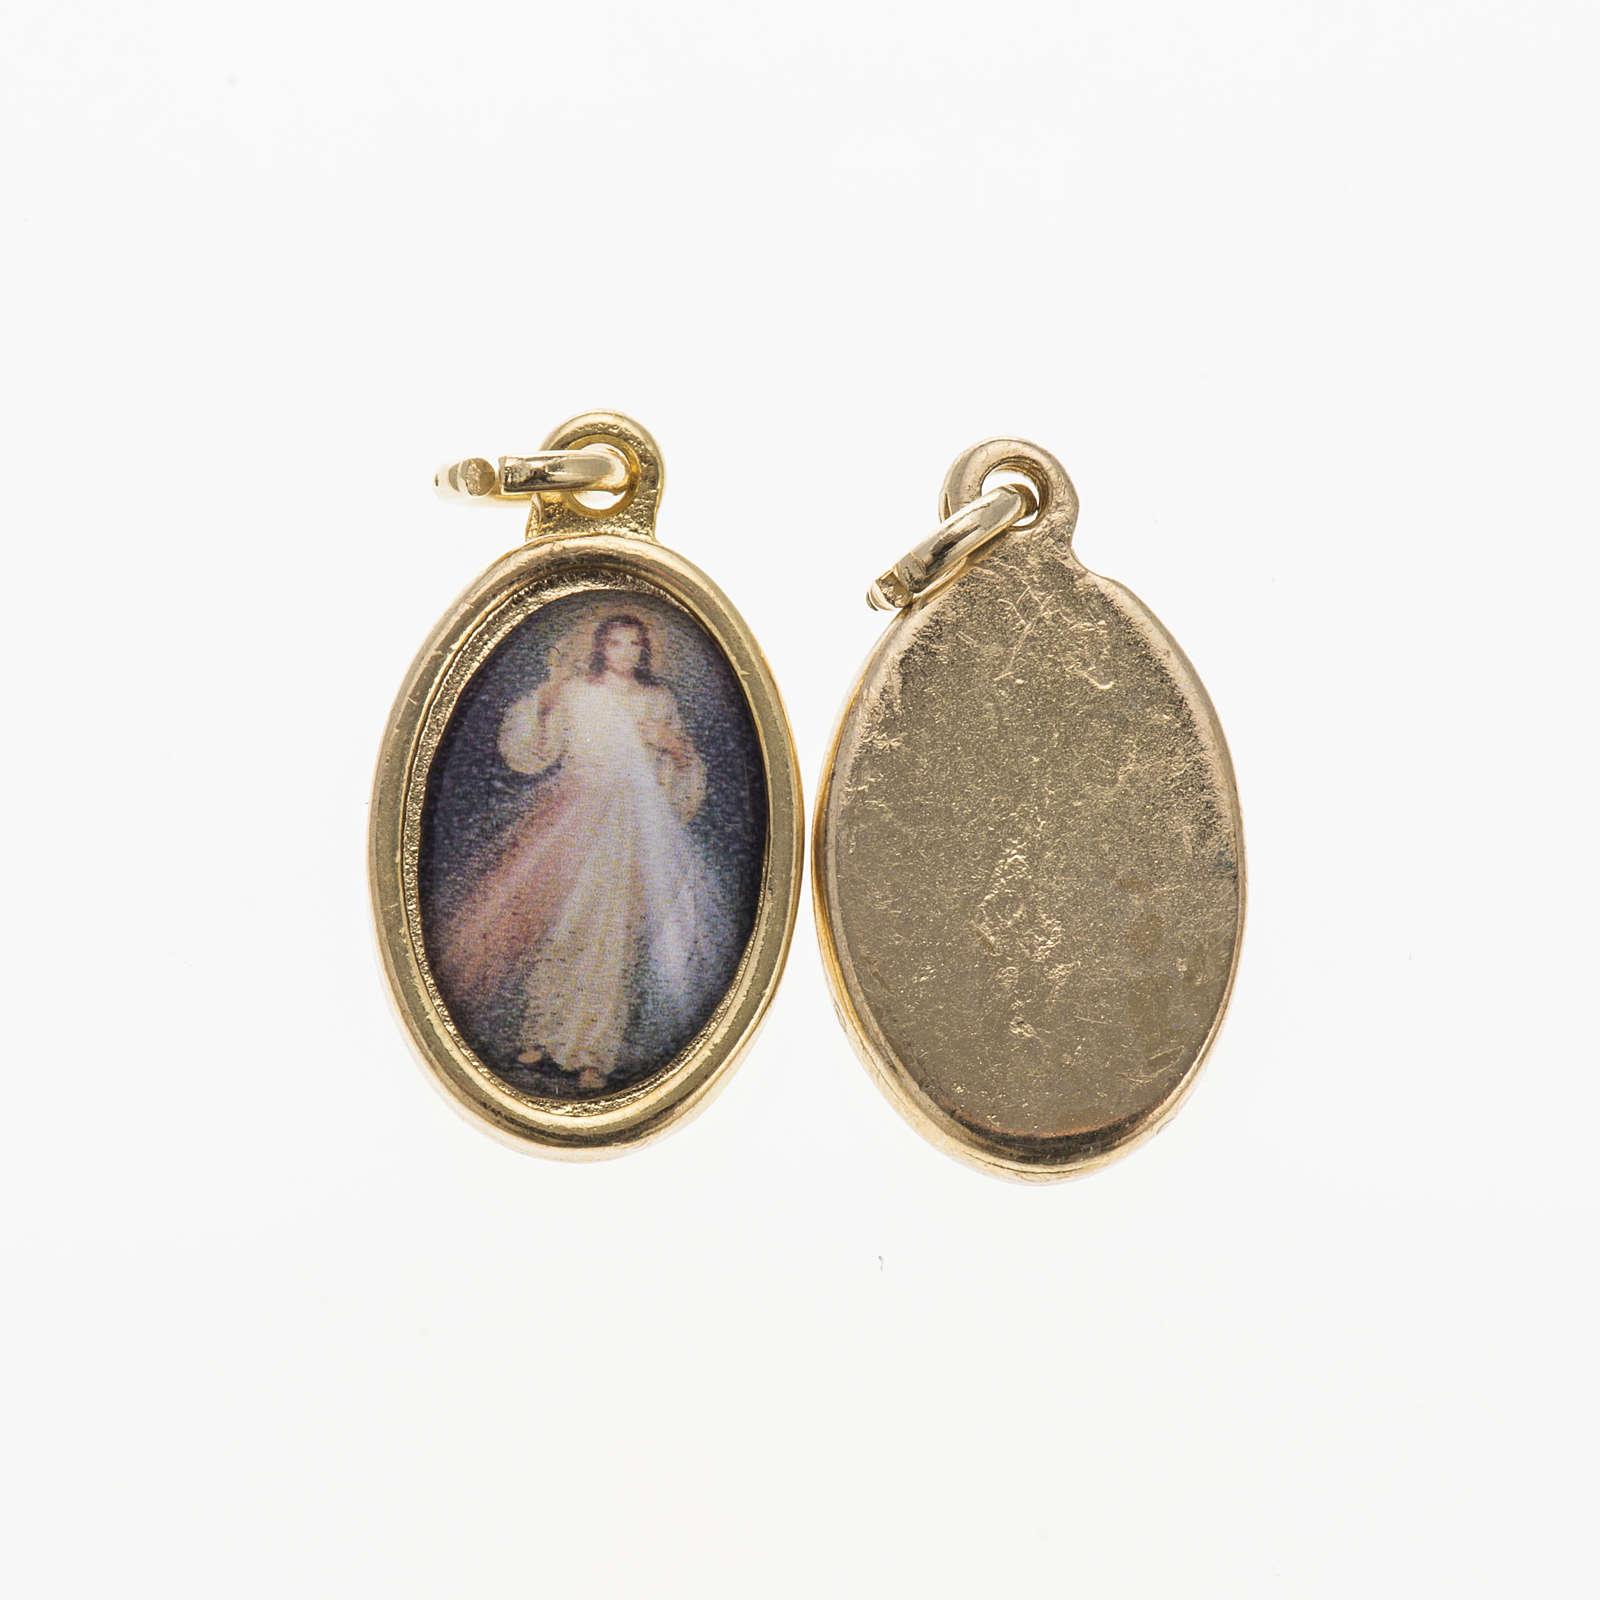 Medaille Barmherziger Jesus Goldmetall und Harz 1,5x1 cm 4